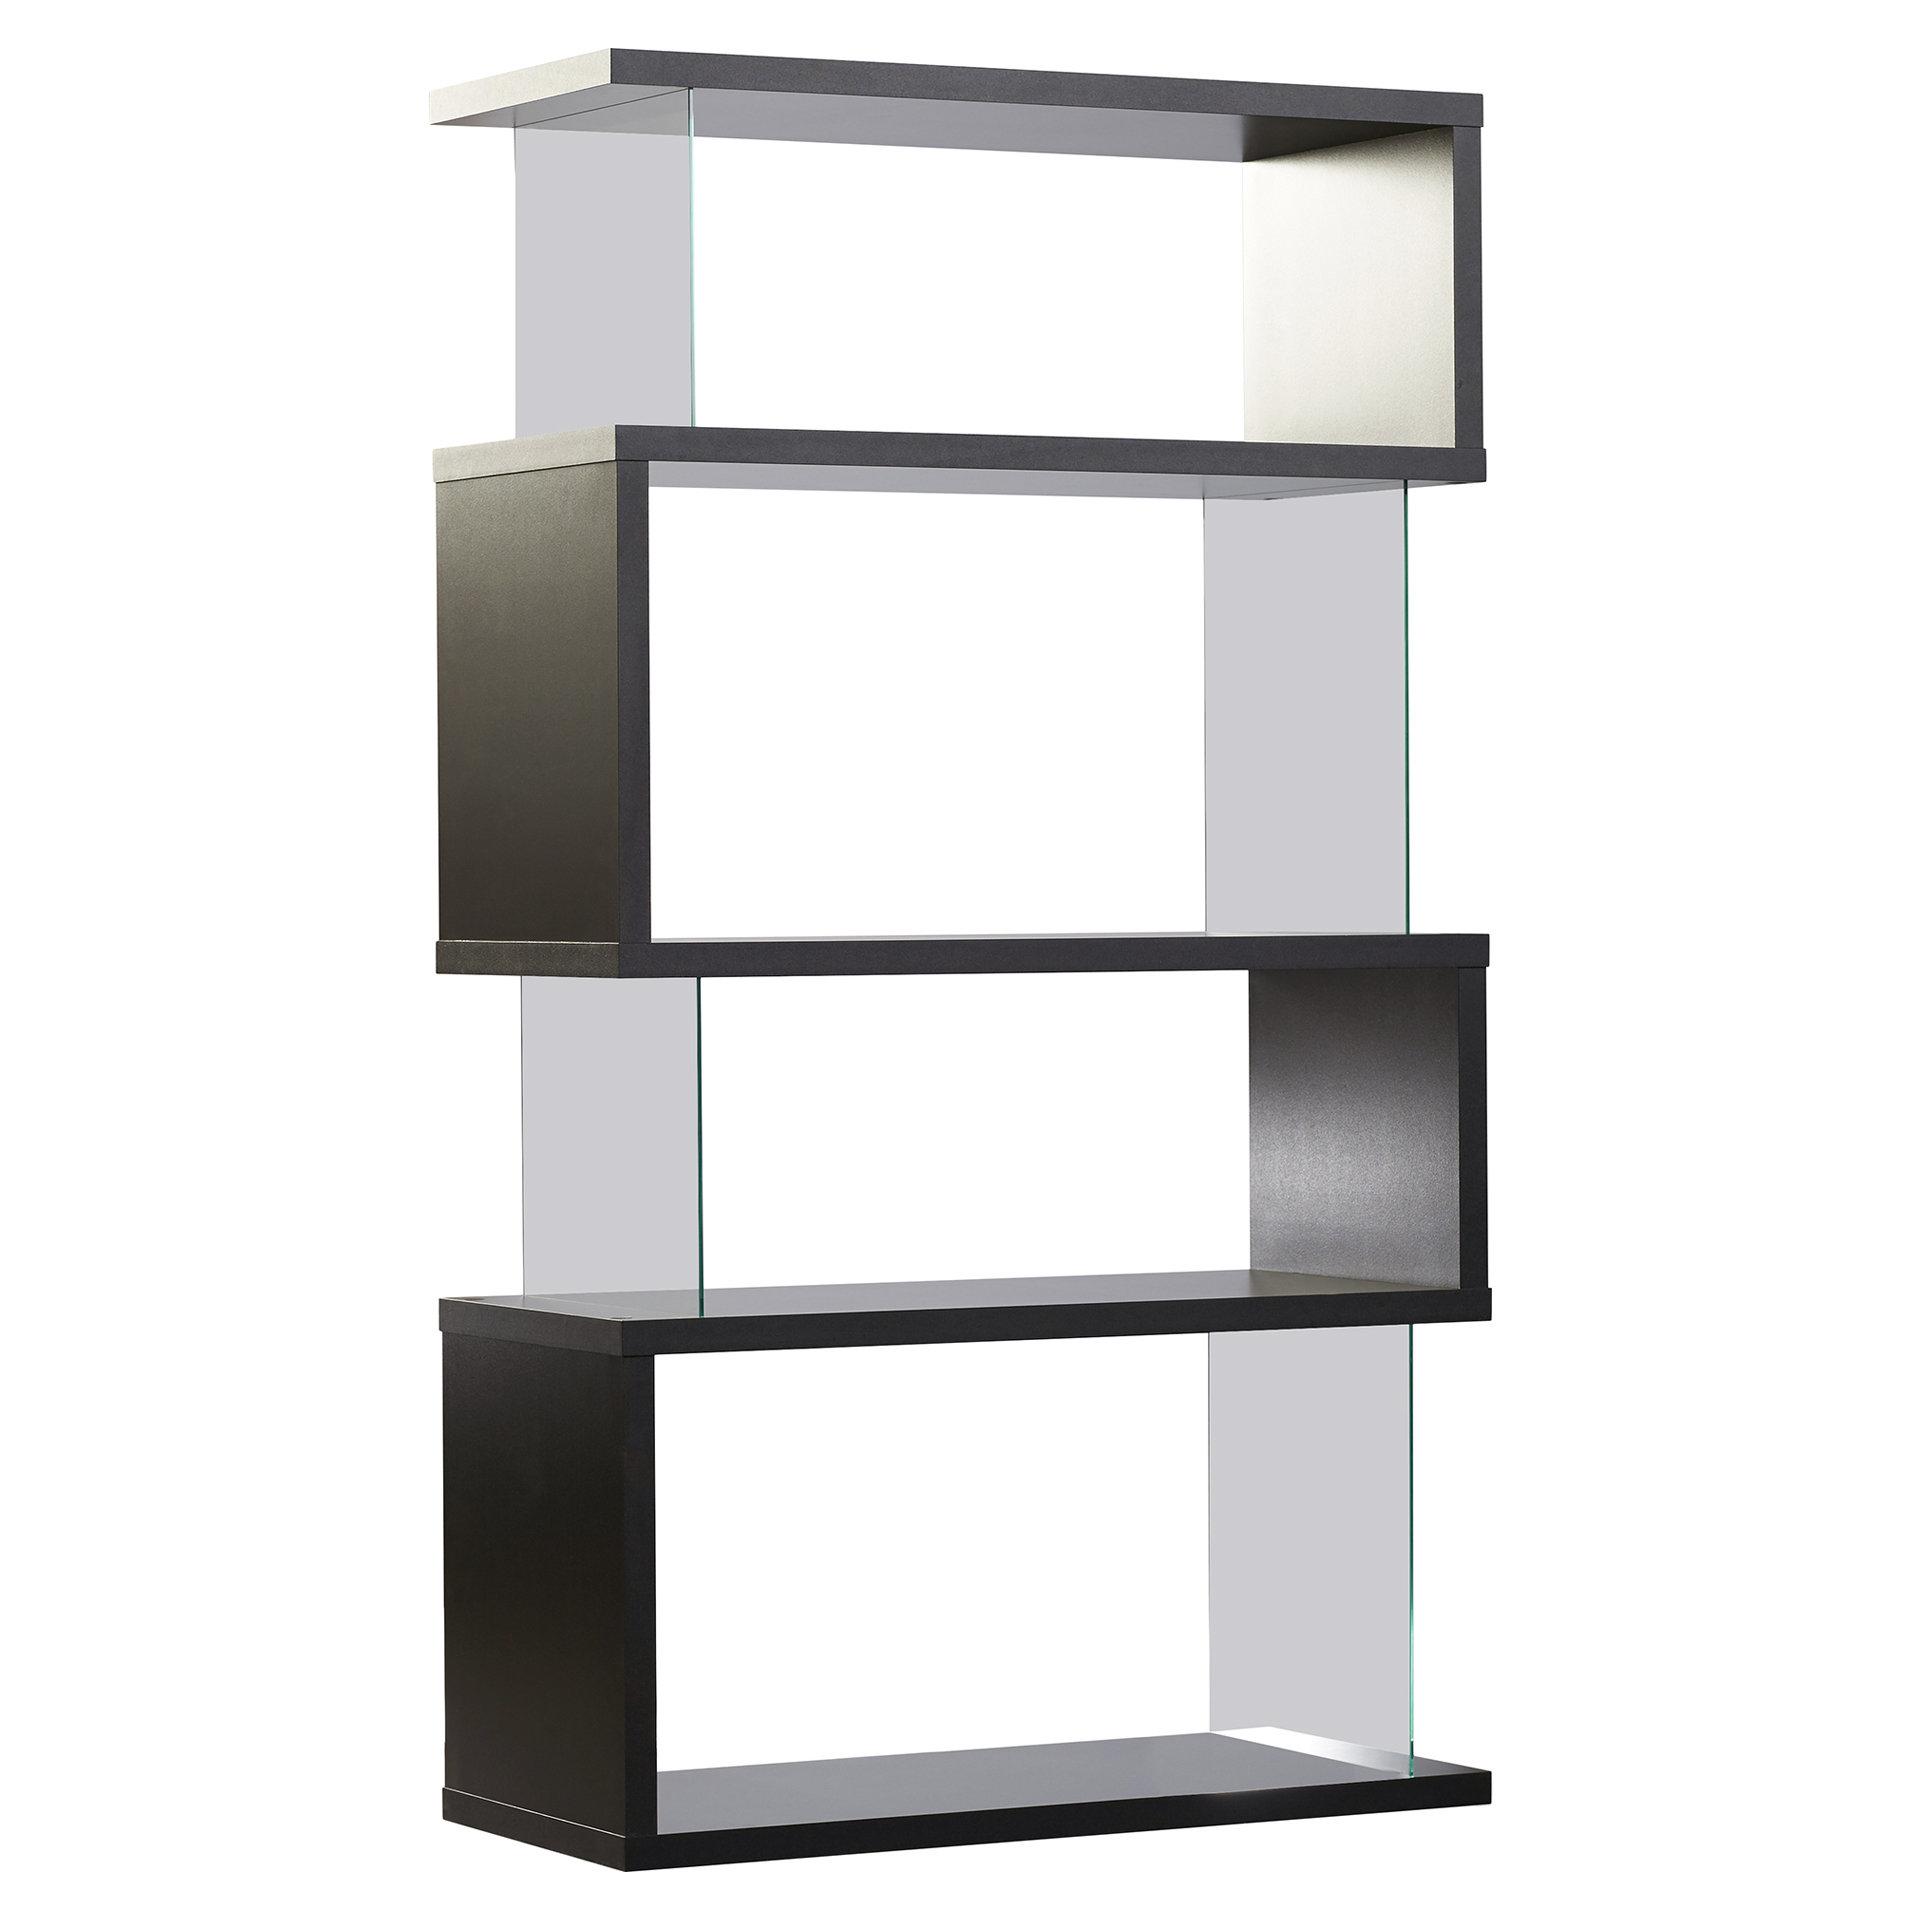 Trendy Ignacio Standard Bookcases For Ignacio Standard Bookcase (View 17 of 20)